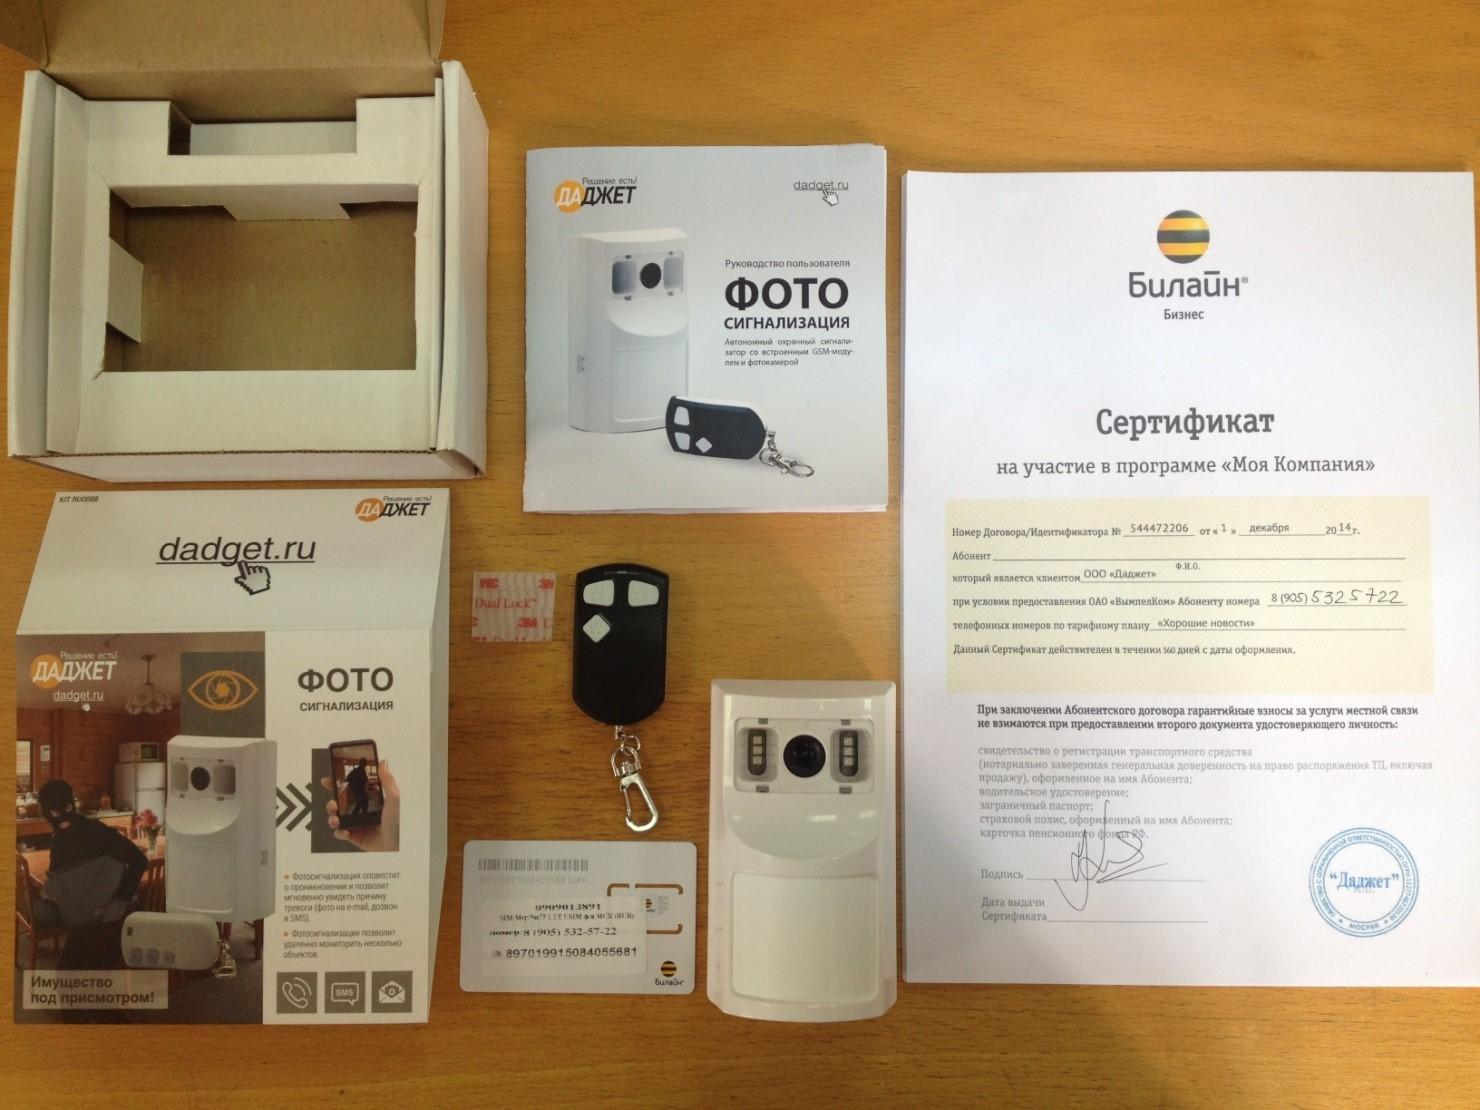 Фотосигнализация: простая и надежная камера безопасности для дома или офиса - 4